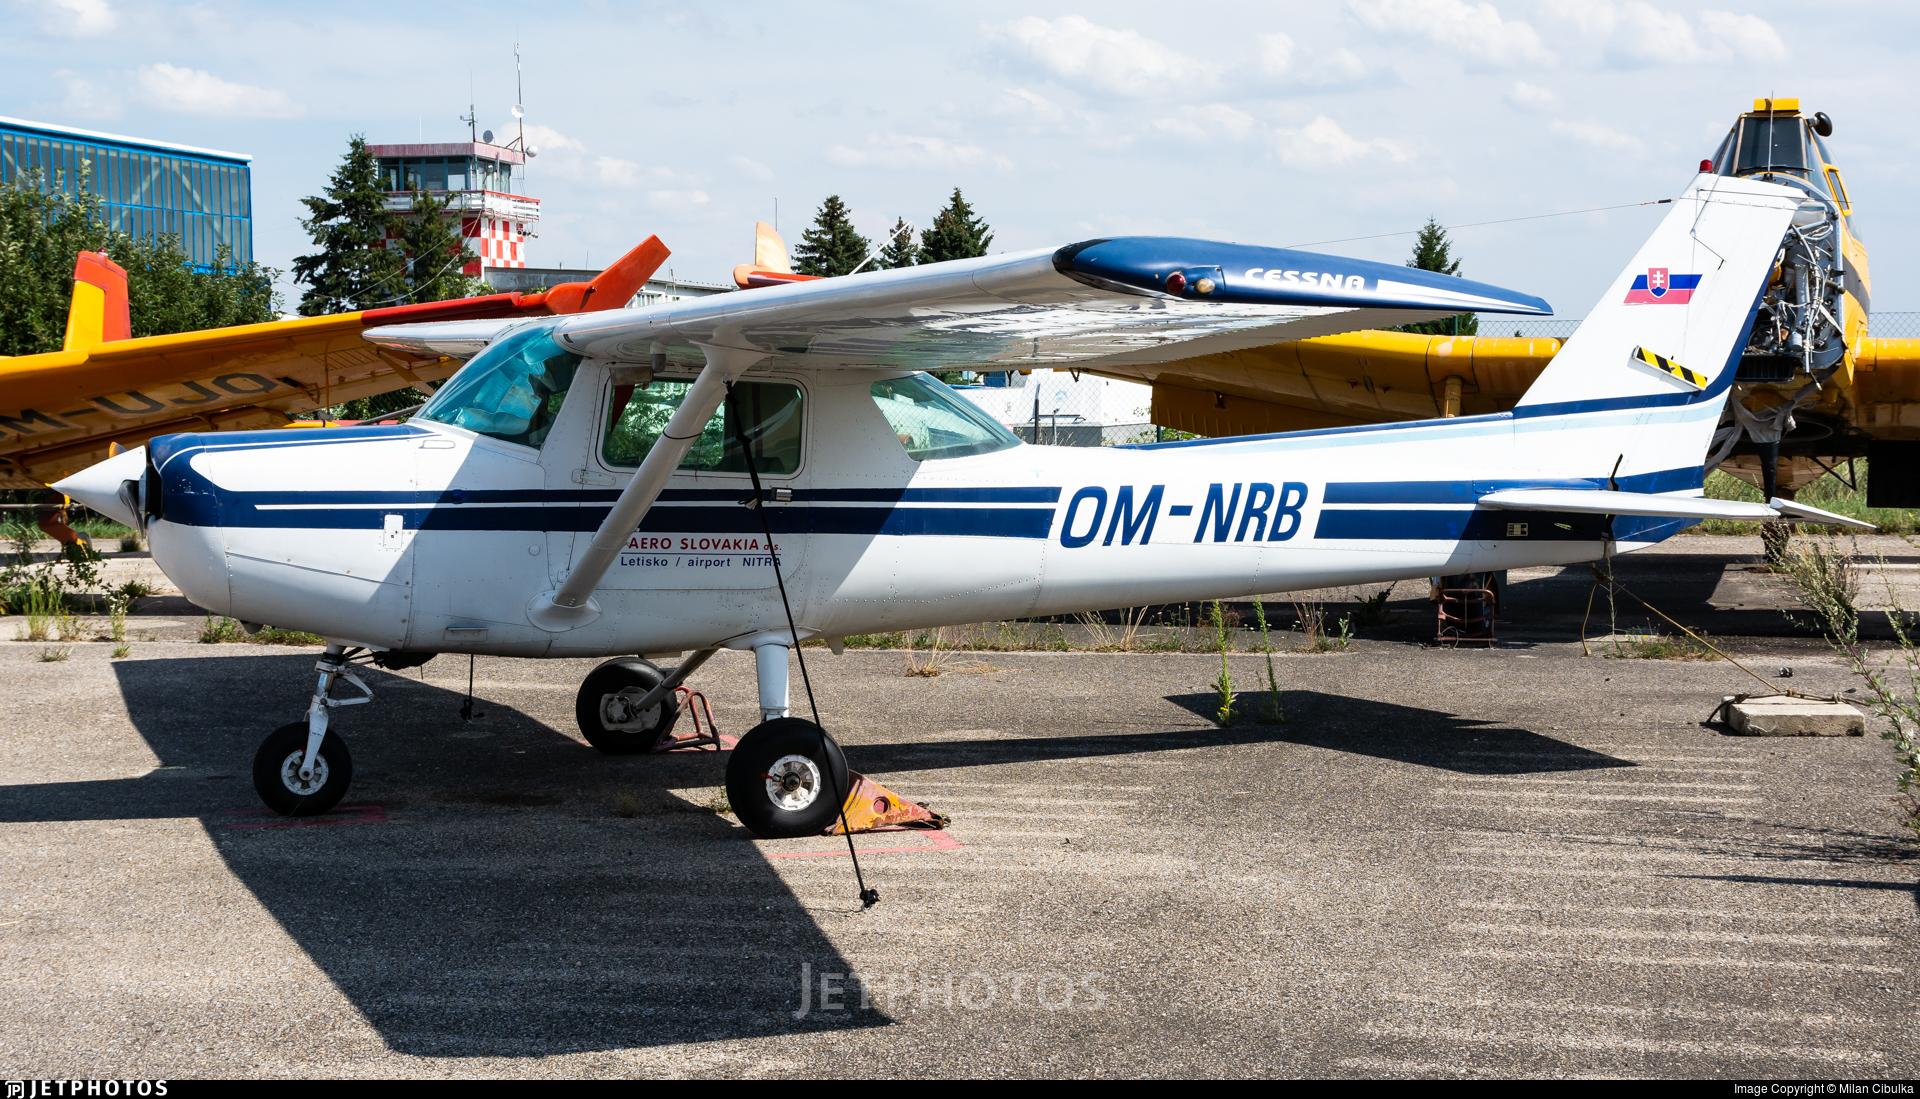 OM-NRB - Cessna 152 - Aero Slovakia